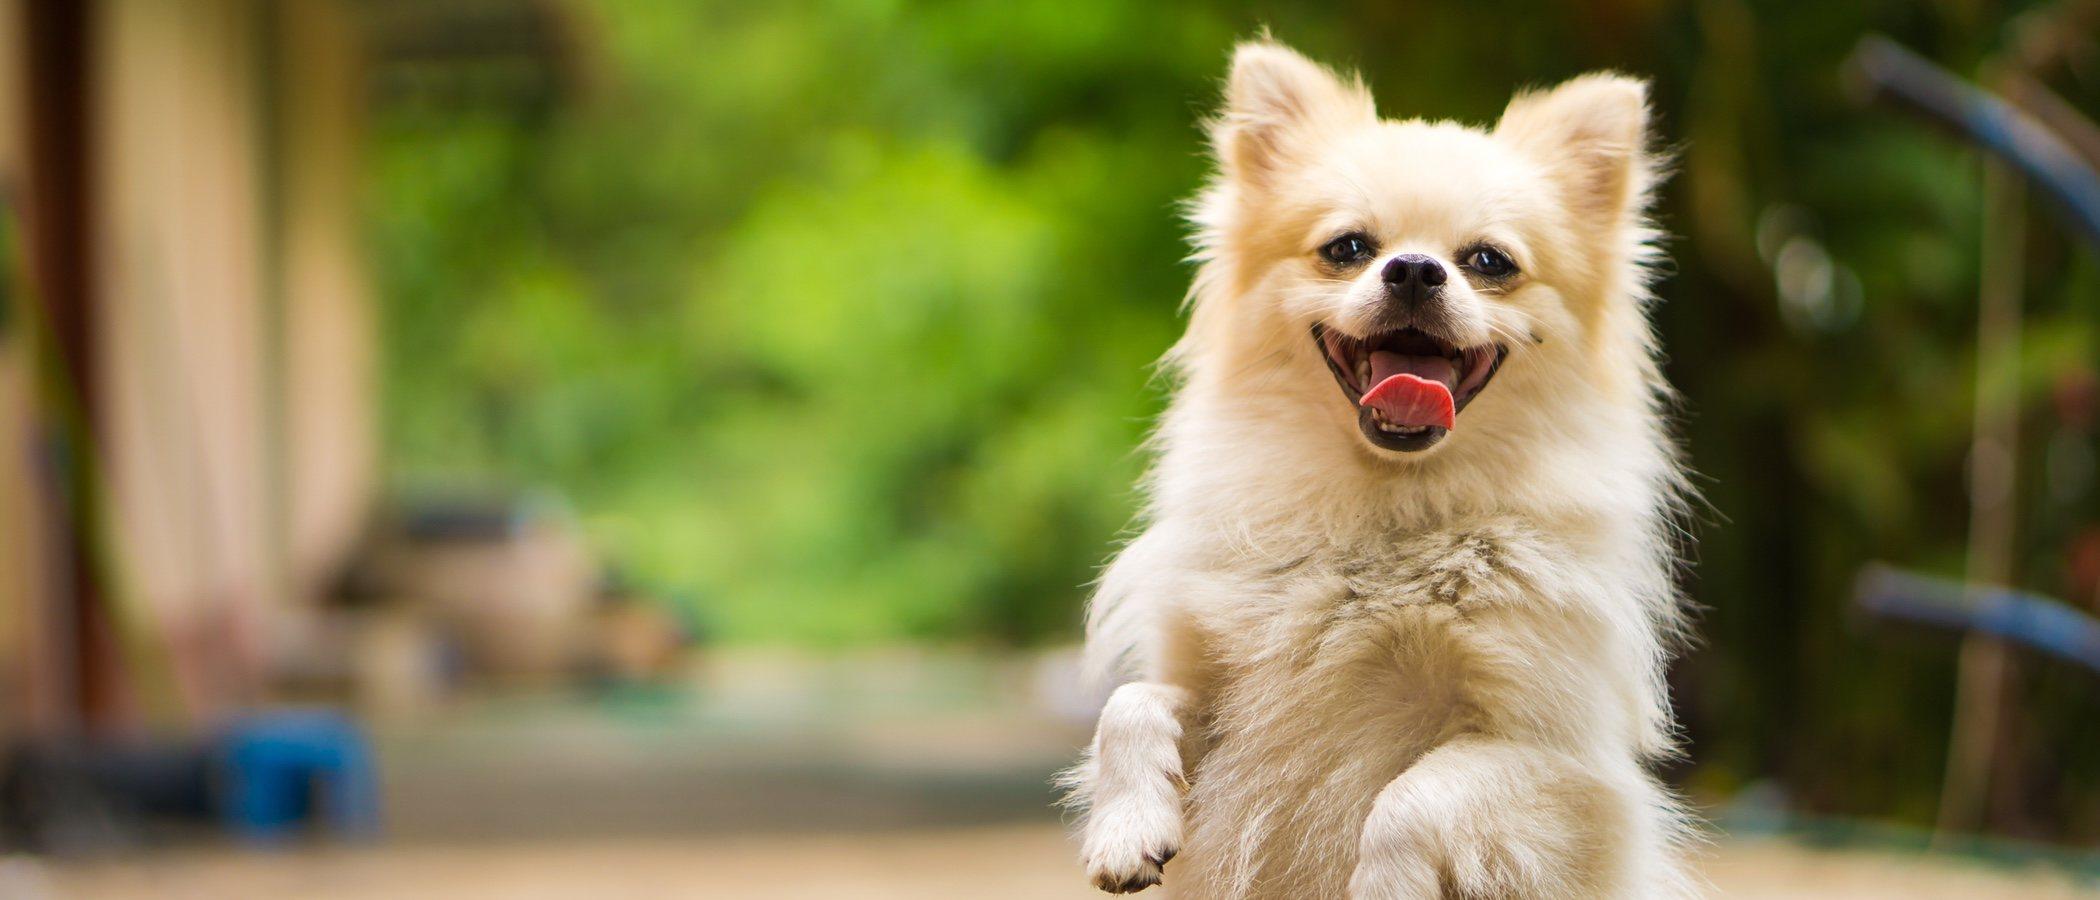 Insuficiencia renal en perros: todo lo que hay que saber